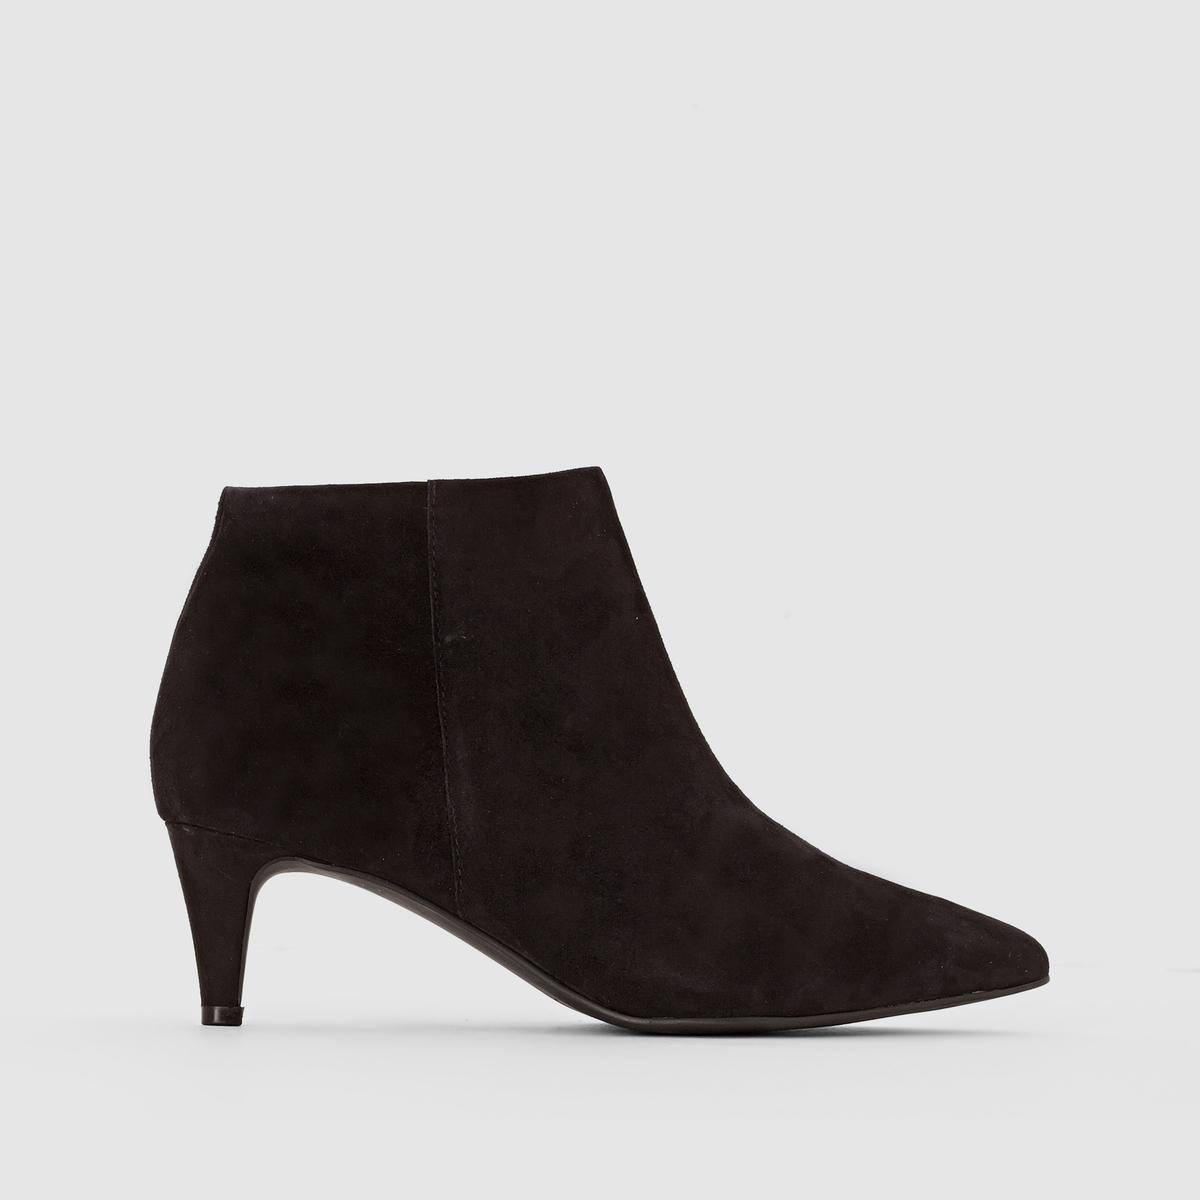 БотильоныПреимущества:   : ботильоны на стильном каблуке-шпильке,остроконечной формы без сомнения выглядят роскошно .<br><br>Цвет: черный<br>Размер: 38.40